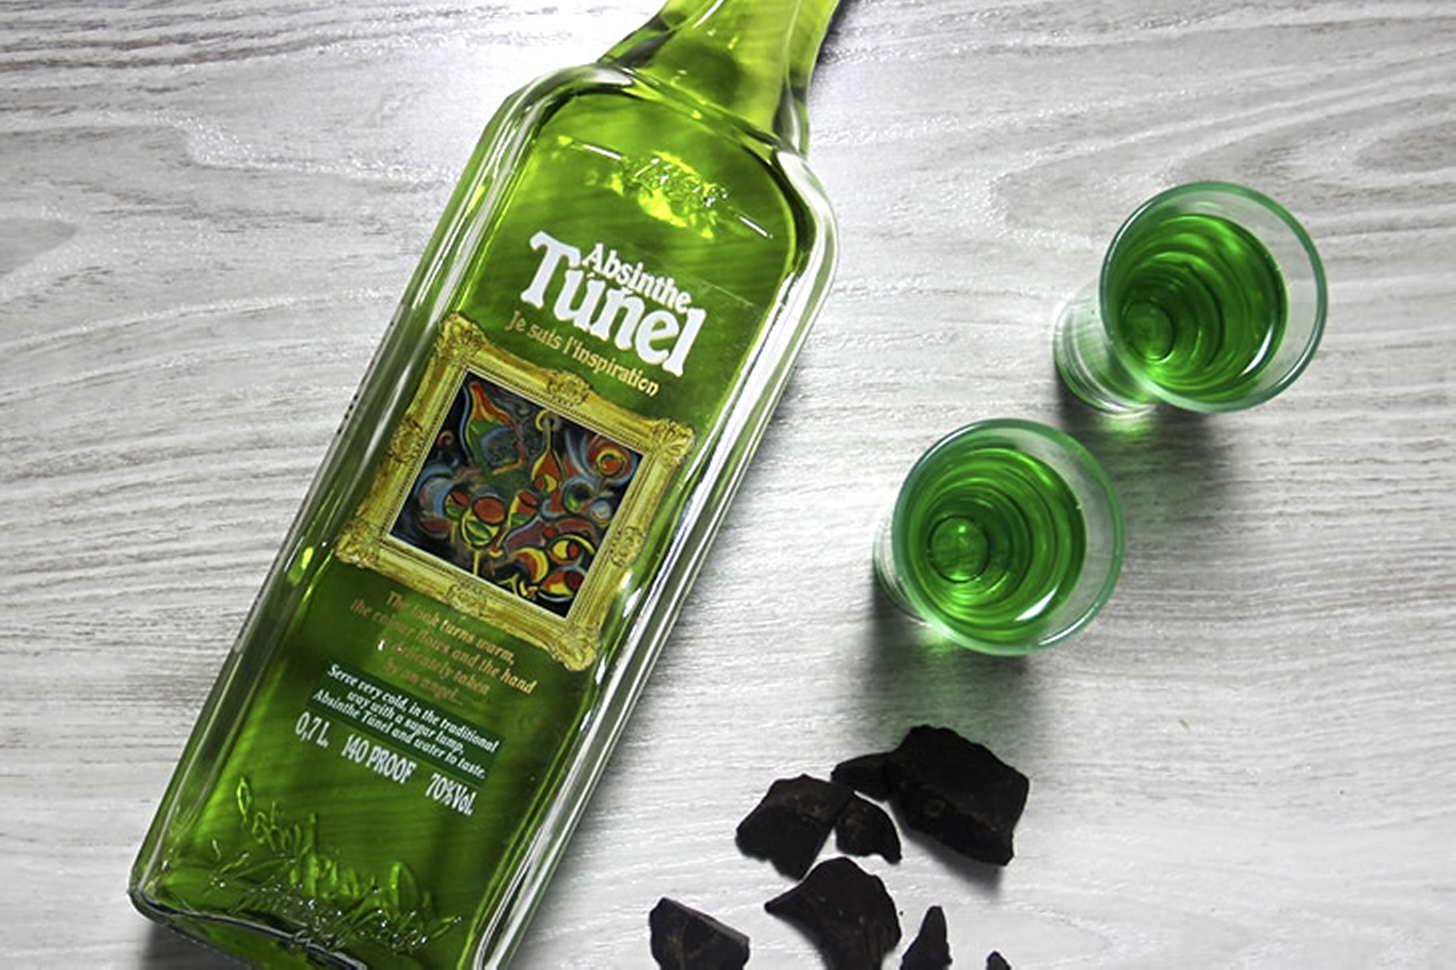 Бутылка абсента картинка